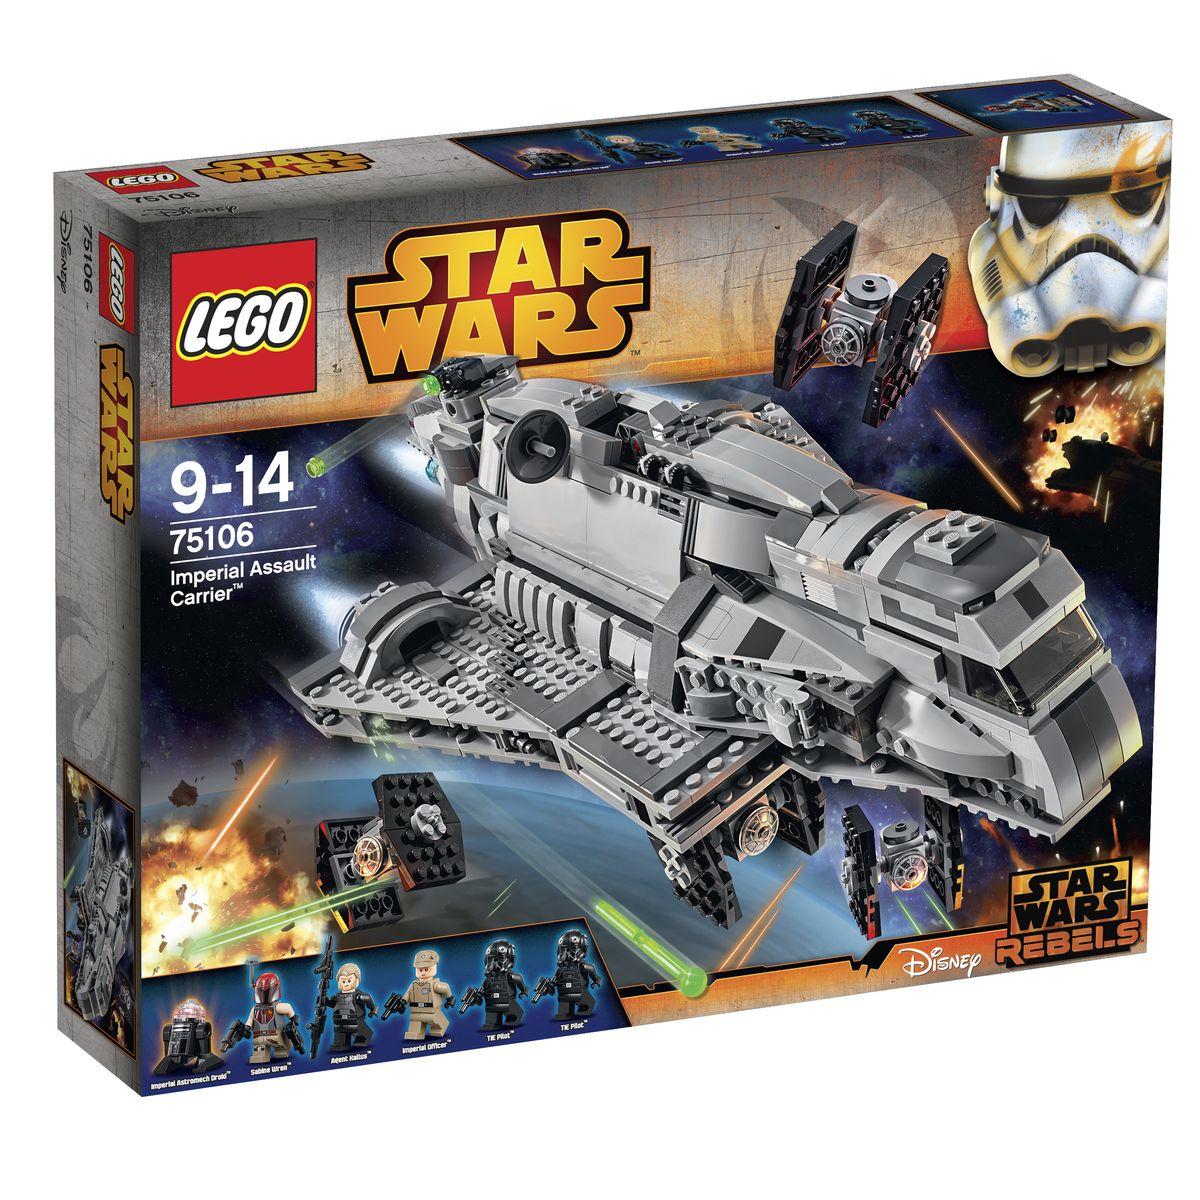 LEGO Star Wars Конструктор Имперский десантный корабль 7510675106Имперский авианосец является чем-то средним между транспортным и боевым кораблем. Его можно встретить даже в самых удаленных уголках Галактики, так как из-за сравнительно невысокой стоимости и возможности модернизации его могли себе позволить не только имперские лидеры, но и частные перевозчики и даже пираты. Из деталей набора LEGO 75106 вы сможете построить реалистичную модель десантного корабля с множеством активных функций. Его вытянутый корпус покрыт бронированными пластинами серого цвета. Спереди располагается кабина пилота, окруженная тонированным стеклом с хорошим обзором. Подняв часть крыши, можно заглянуть внутрь кабины и рассмотреть приборную панель с рычагами управления. Центральную часть корабля занимает вместительный грузовой отсек. Благодаря съемным панелям, образующим стены и крышу, можно рассмотреть его детализированный интерьер, а также разместить внутри мини фигурки, оружие и дополнительное оборудование. Также в грузовом отсеке установлен специальный держатель,...